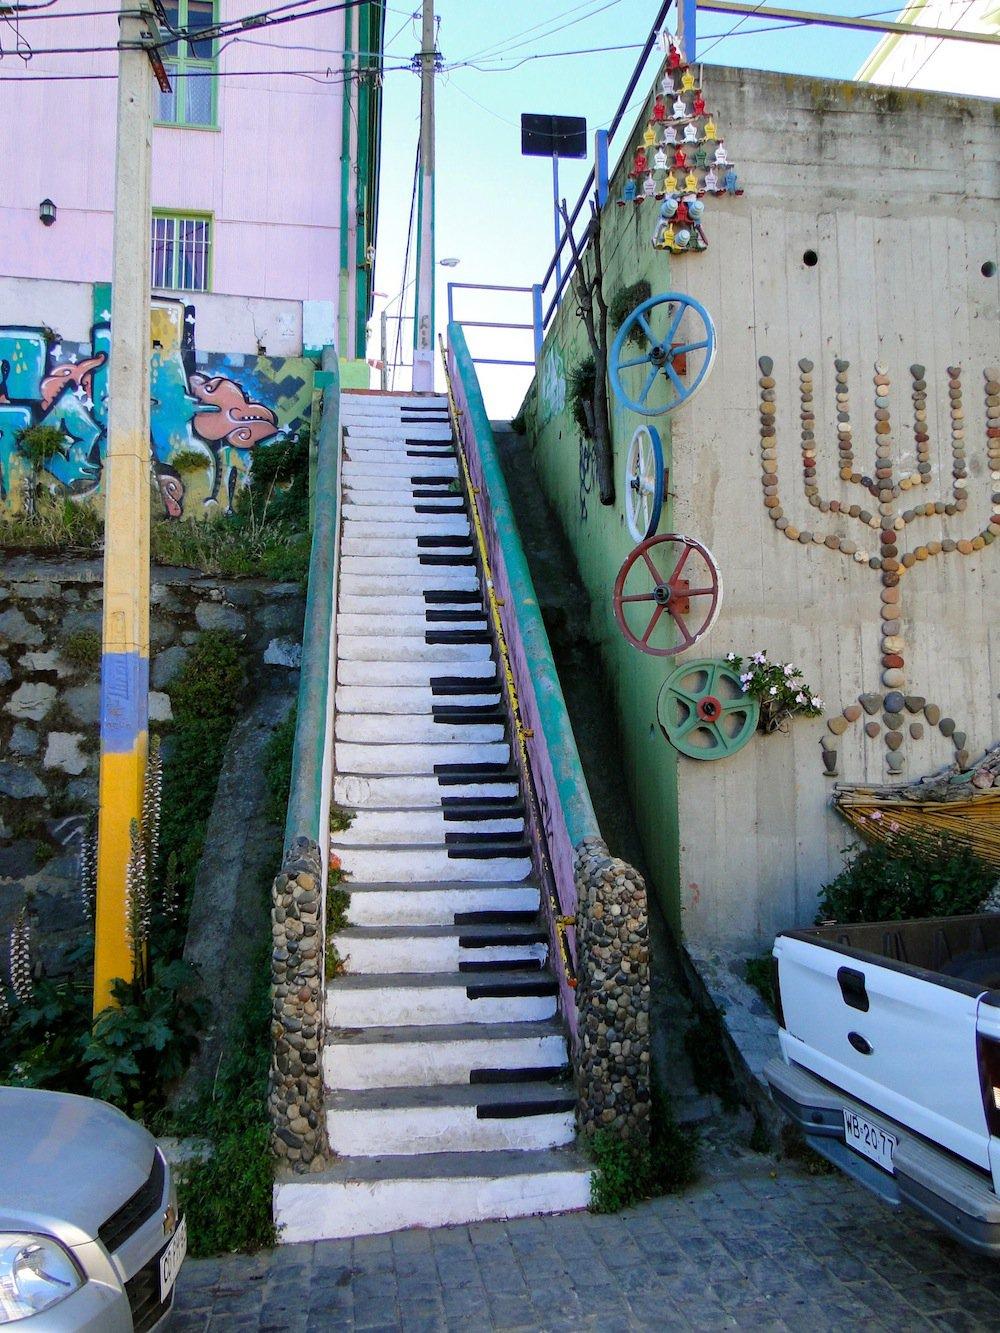 Street Art in Valparaiso, Chile Jean-Baptiste